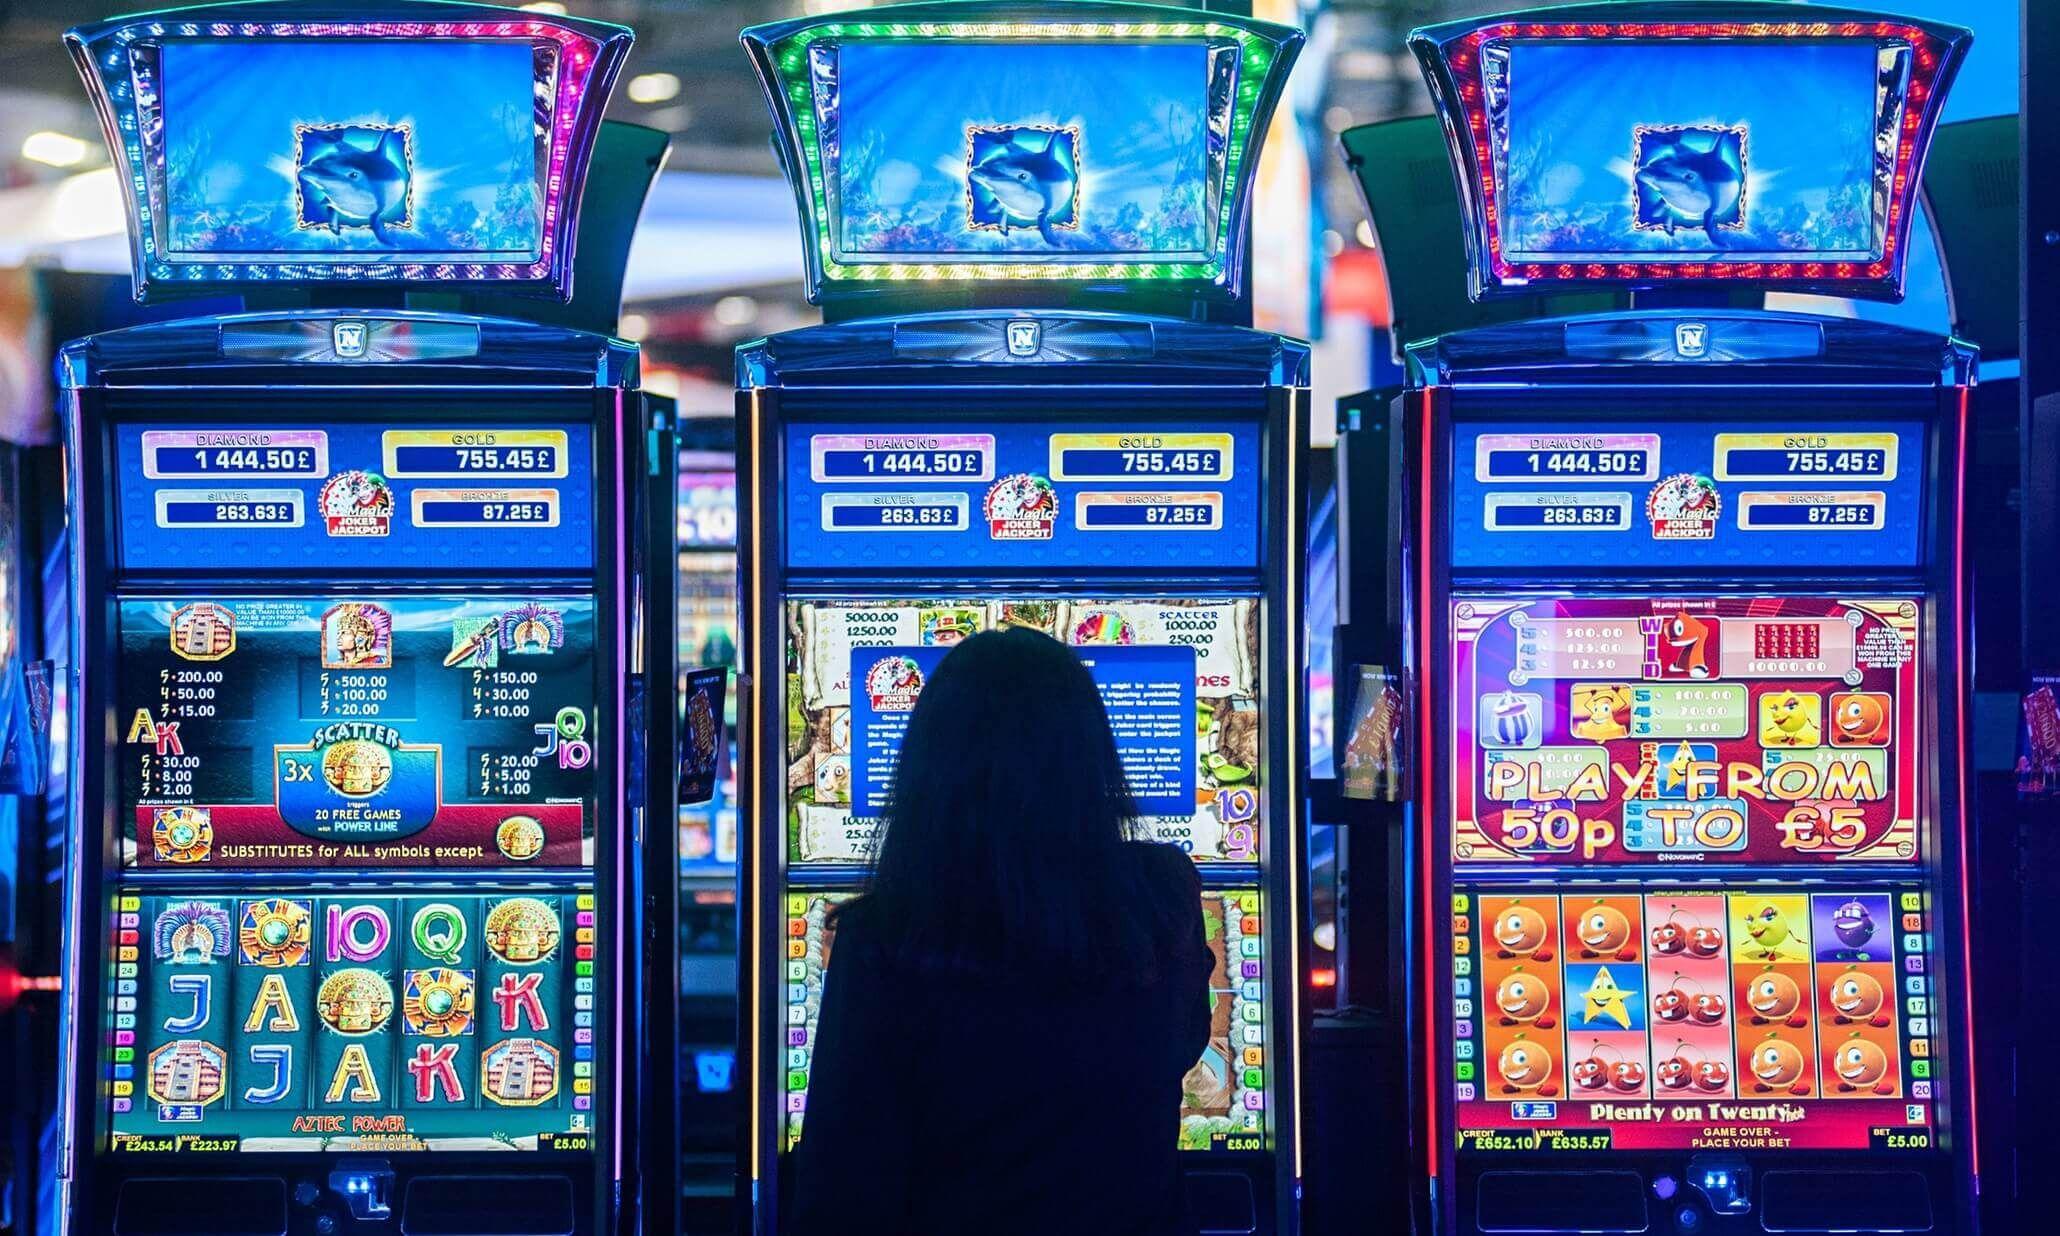 Игровые автоматы все сикреты самые старые казино онлайн